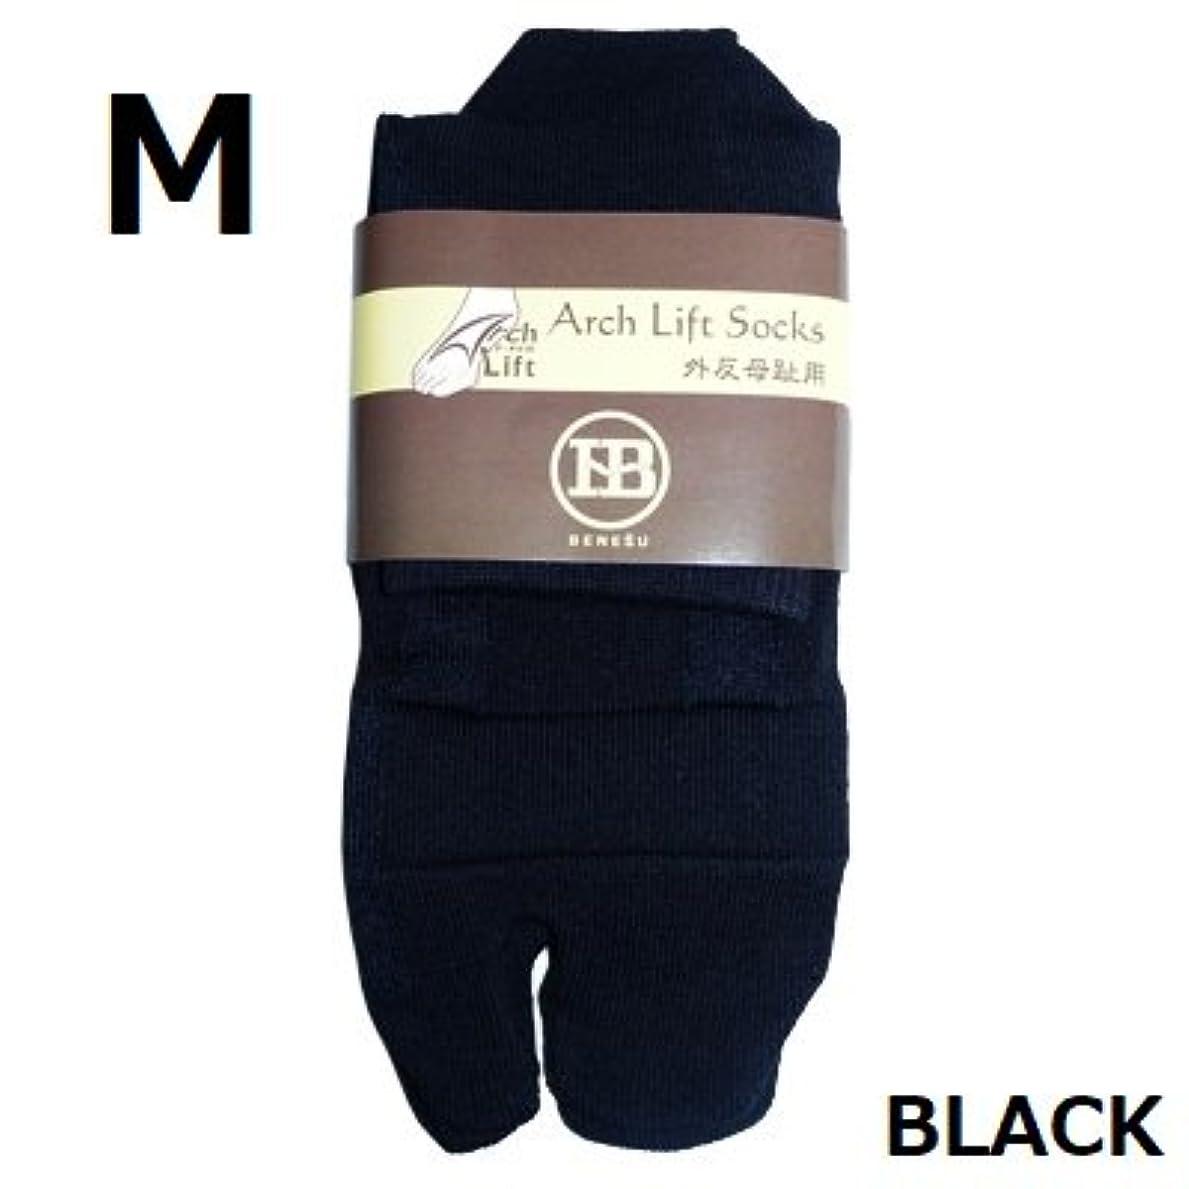 通信網拘束する覚醒アーチライフソックス 外反母趾 テーピング加工靴下 サポーター(カラー:黒色)(サイズ:M)